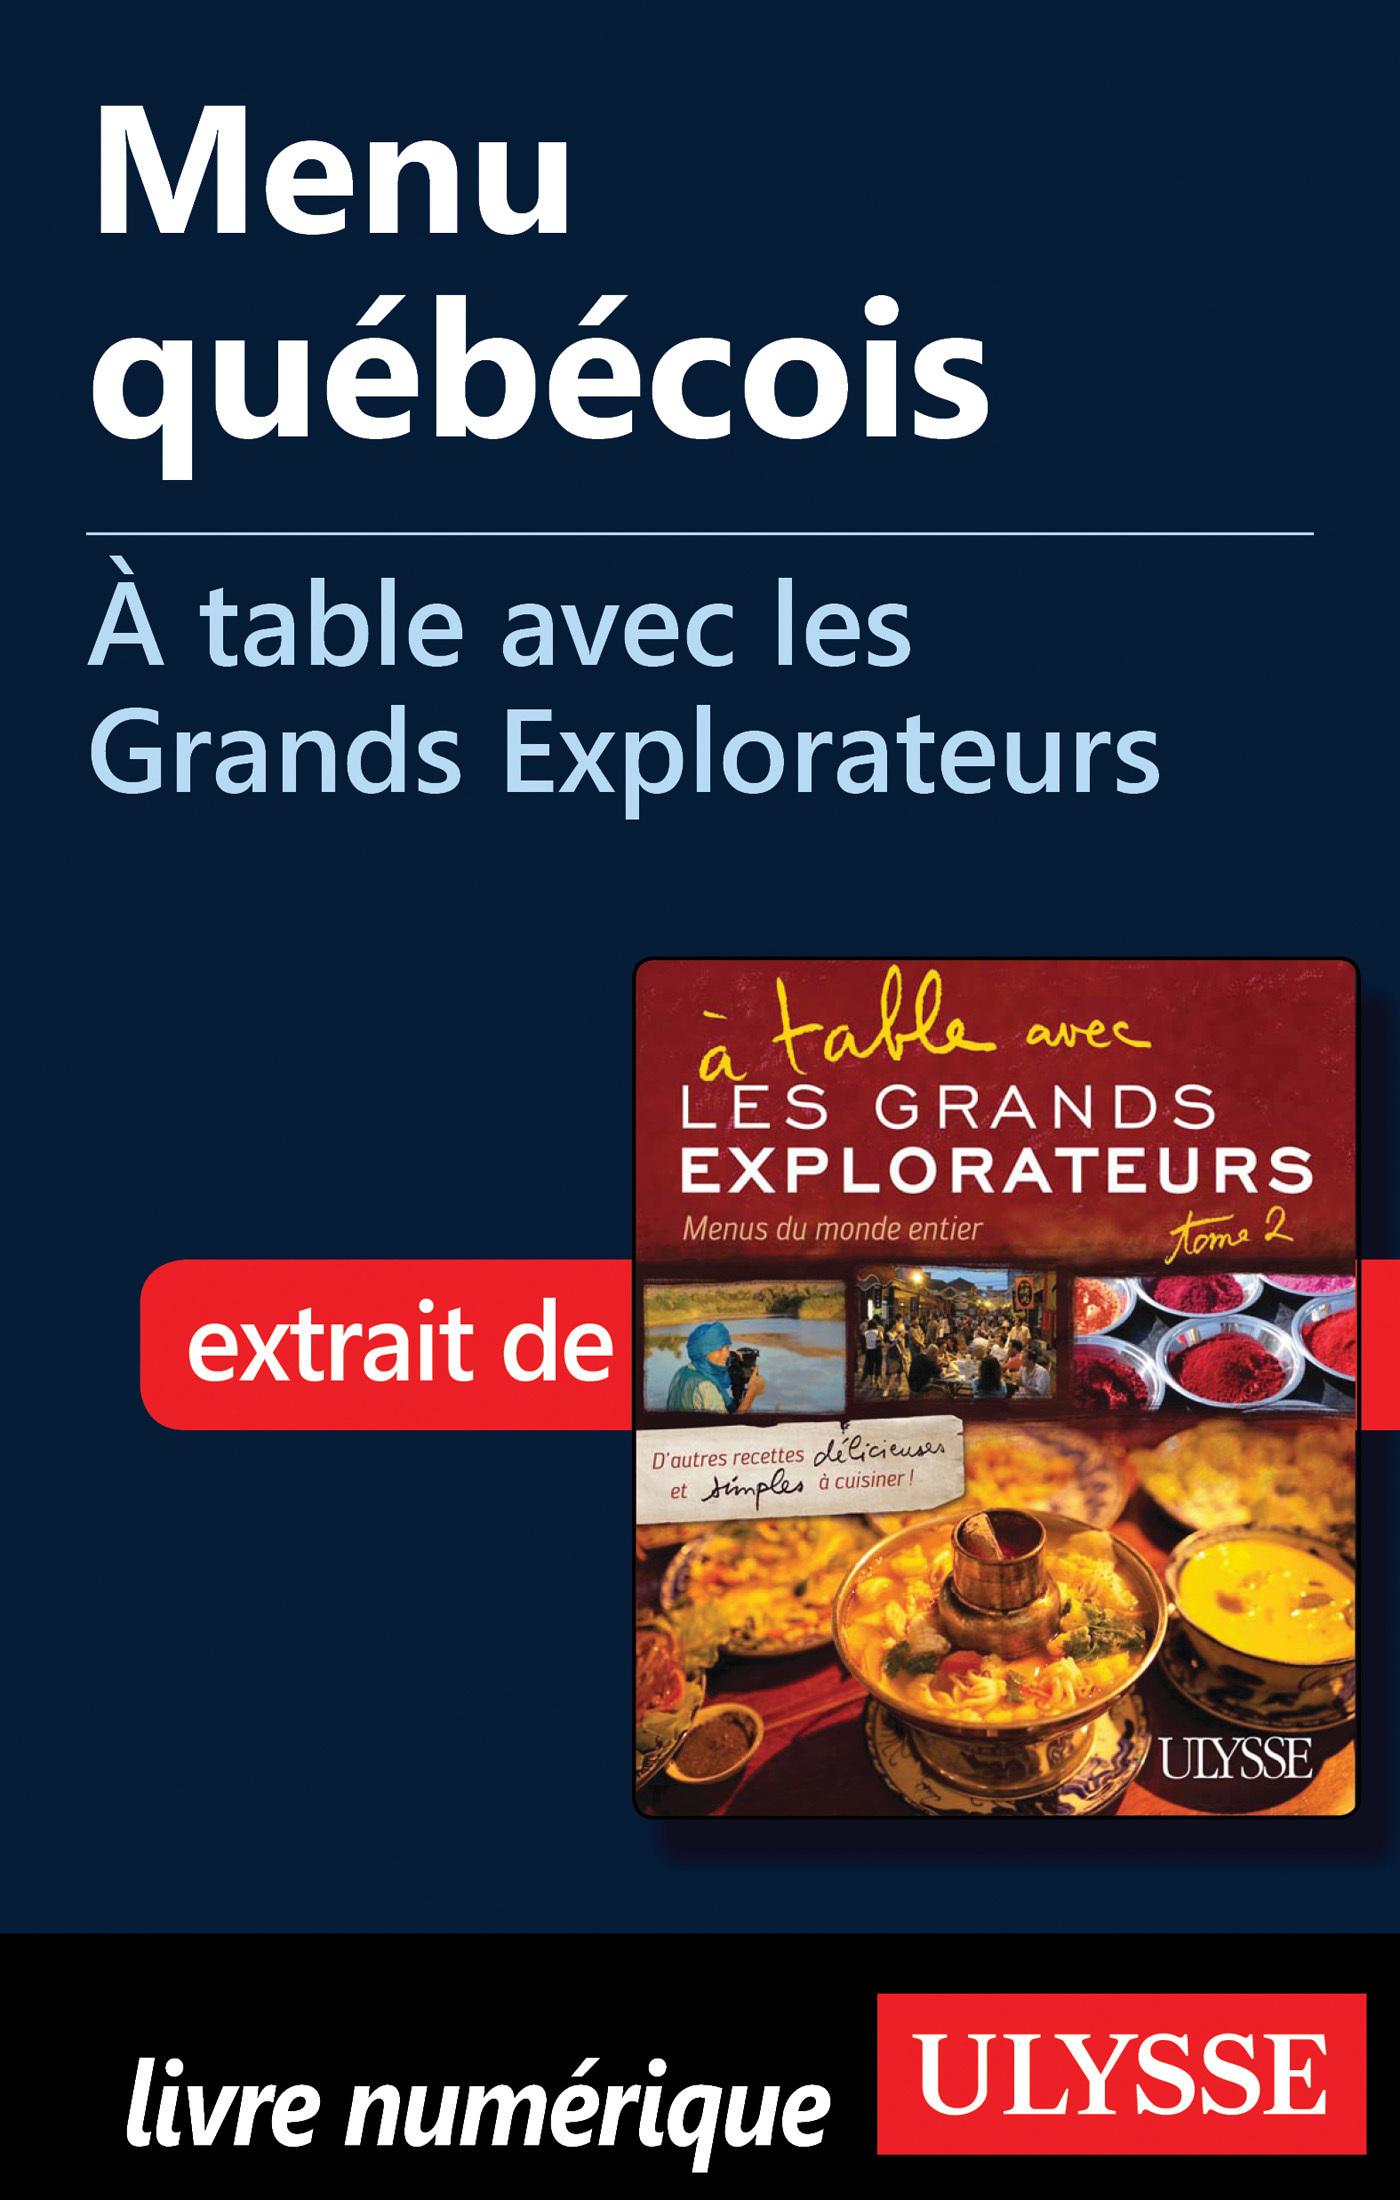 Menu québécois - A table avec les Grands Explorateurs